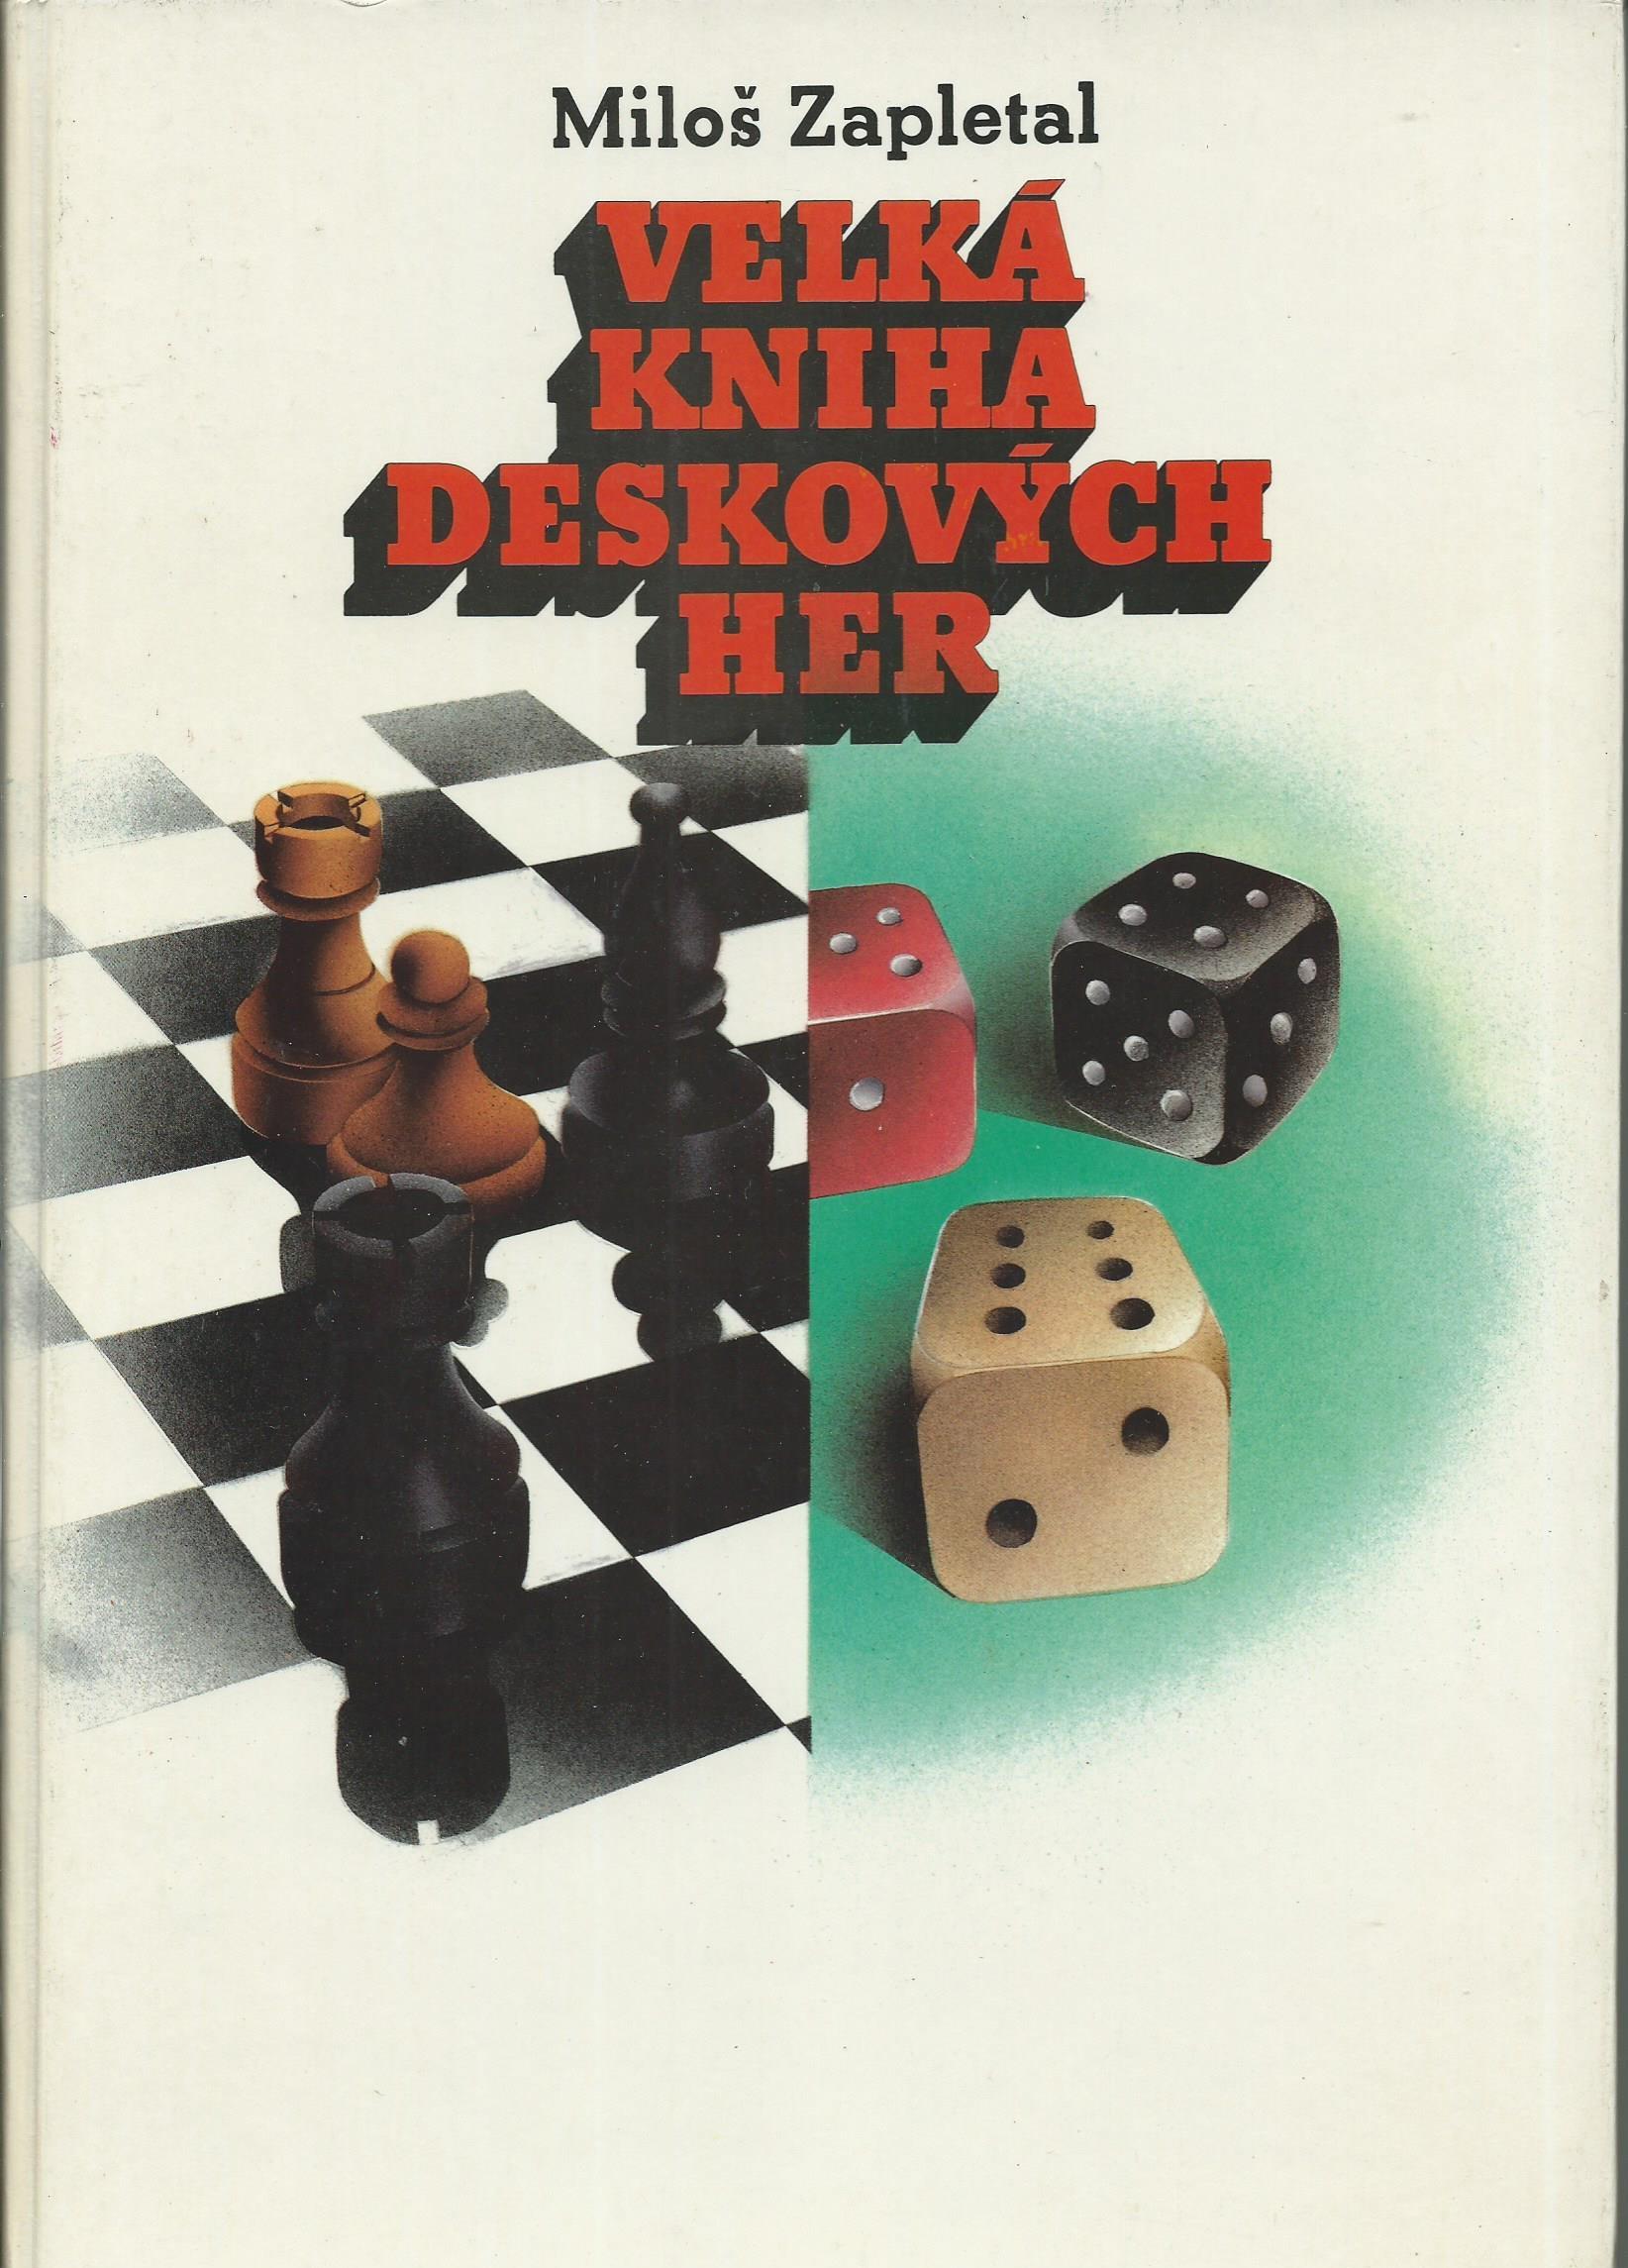 Velká kniha deskových her - Miloš Zapletal